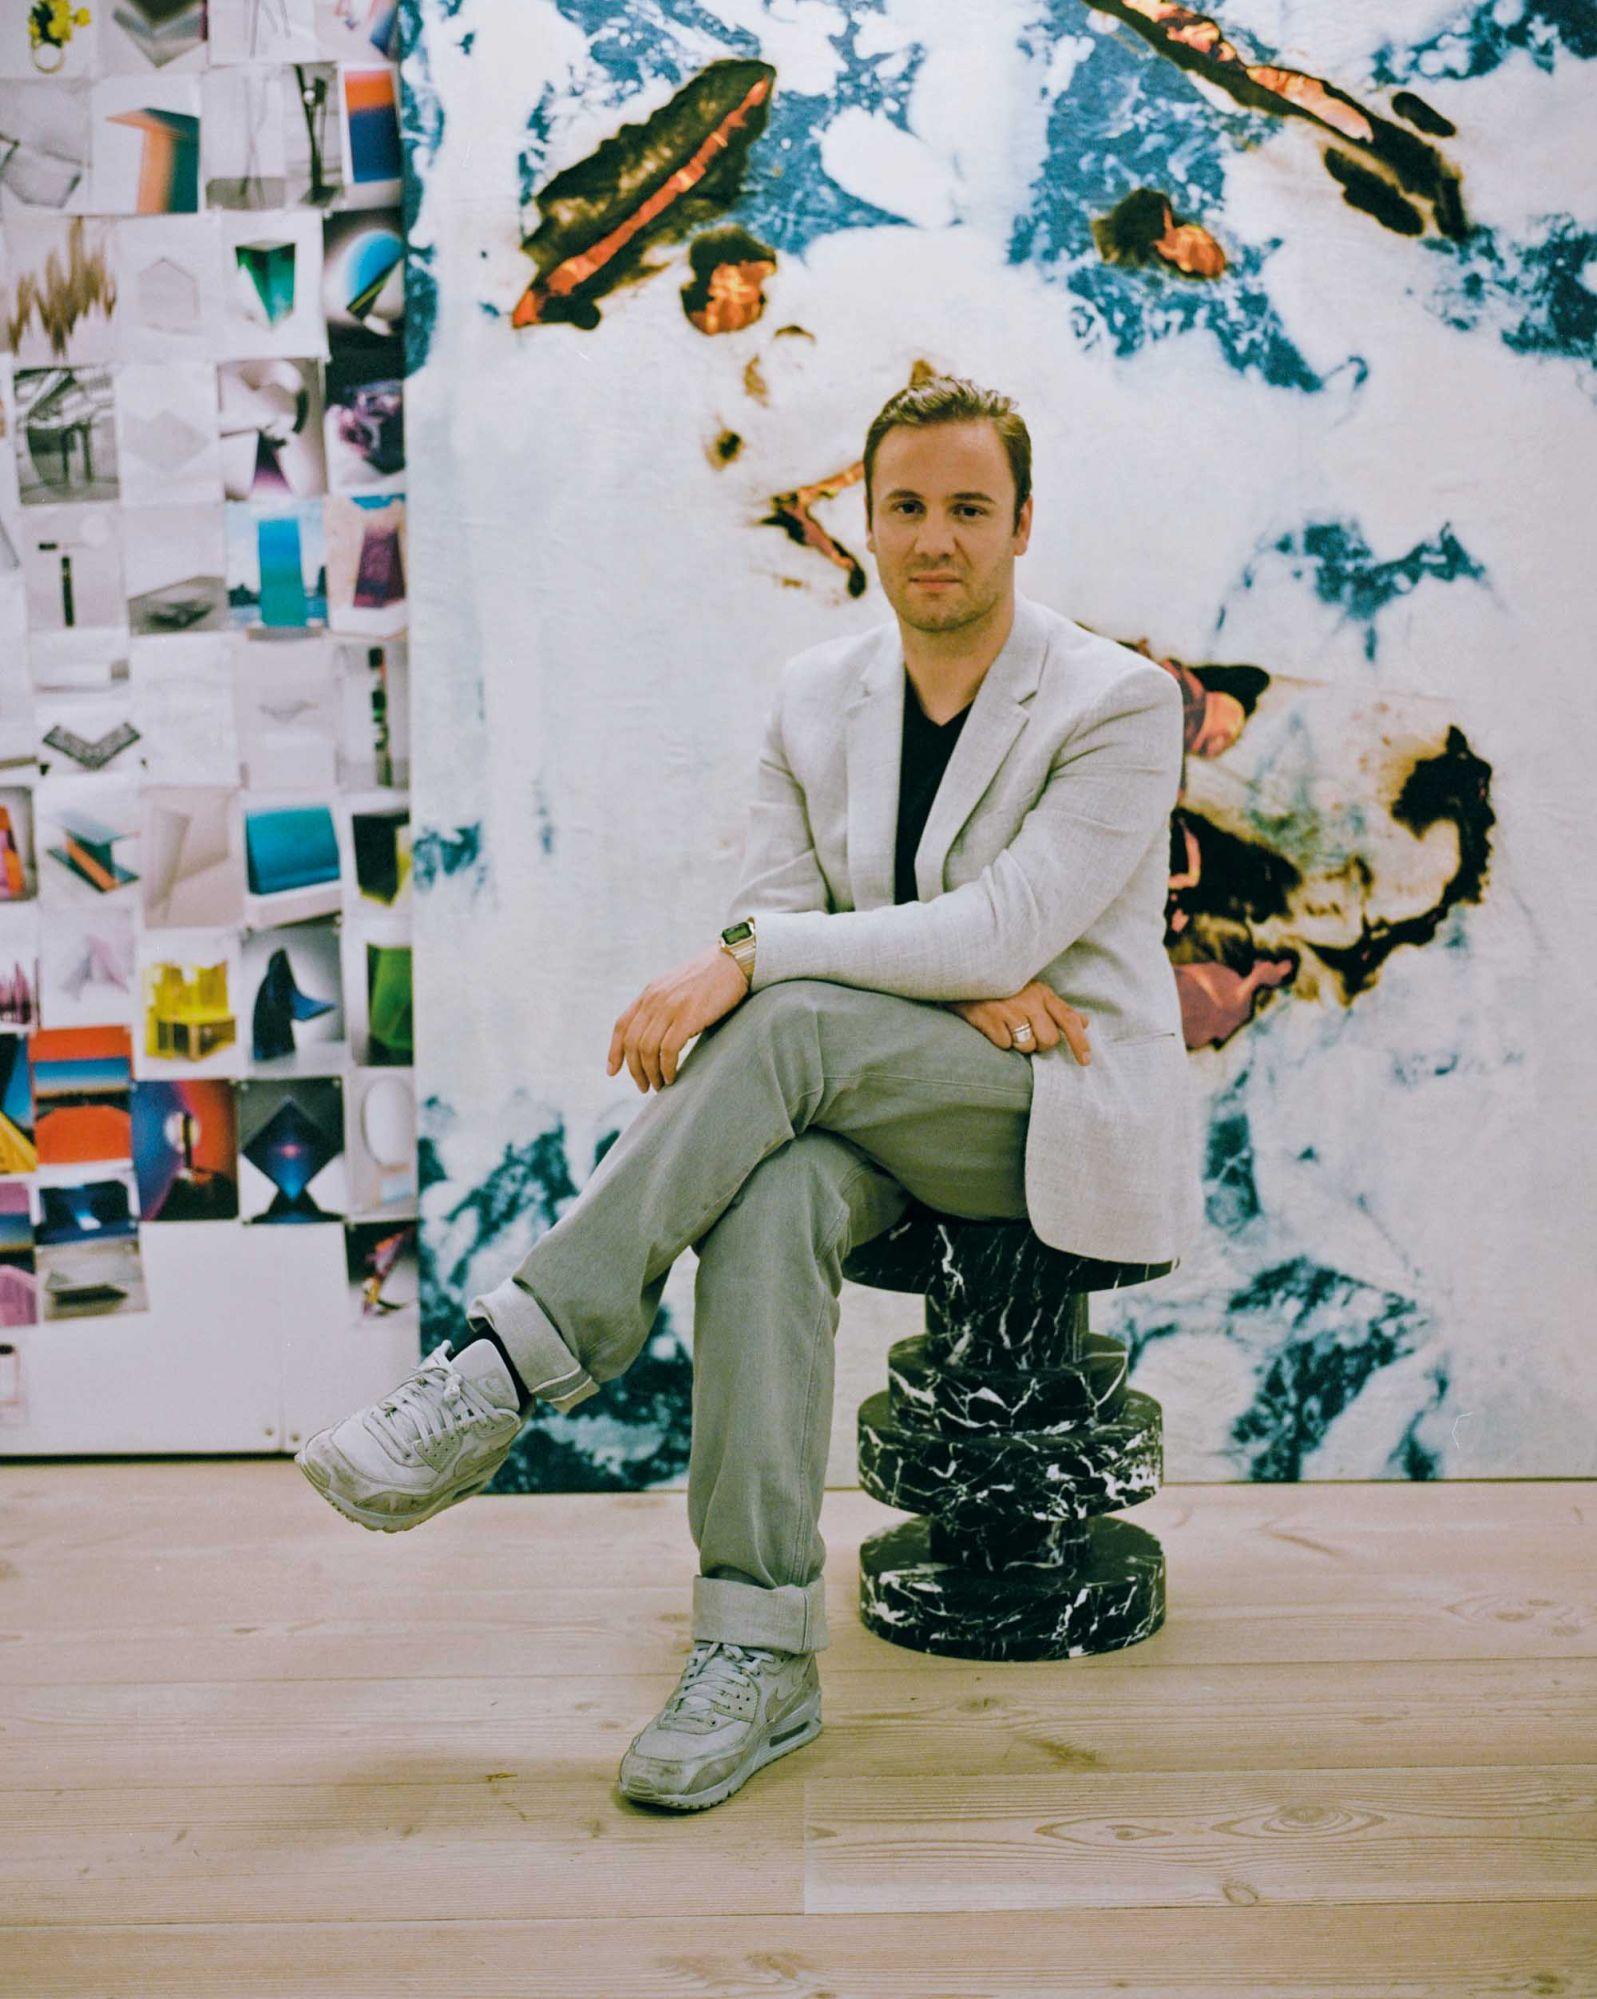 My Favourite Things: Nicholas Kirkwood, British Footwear Designer